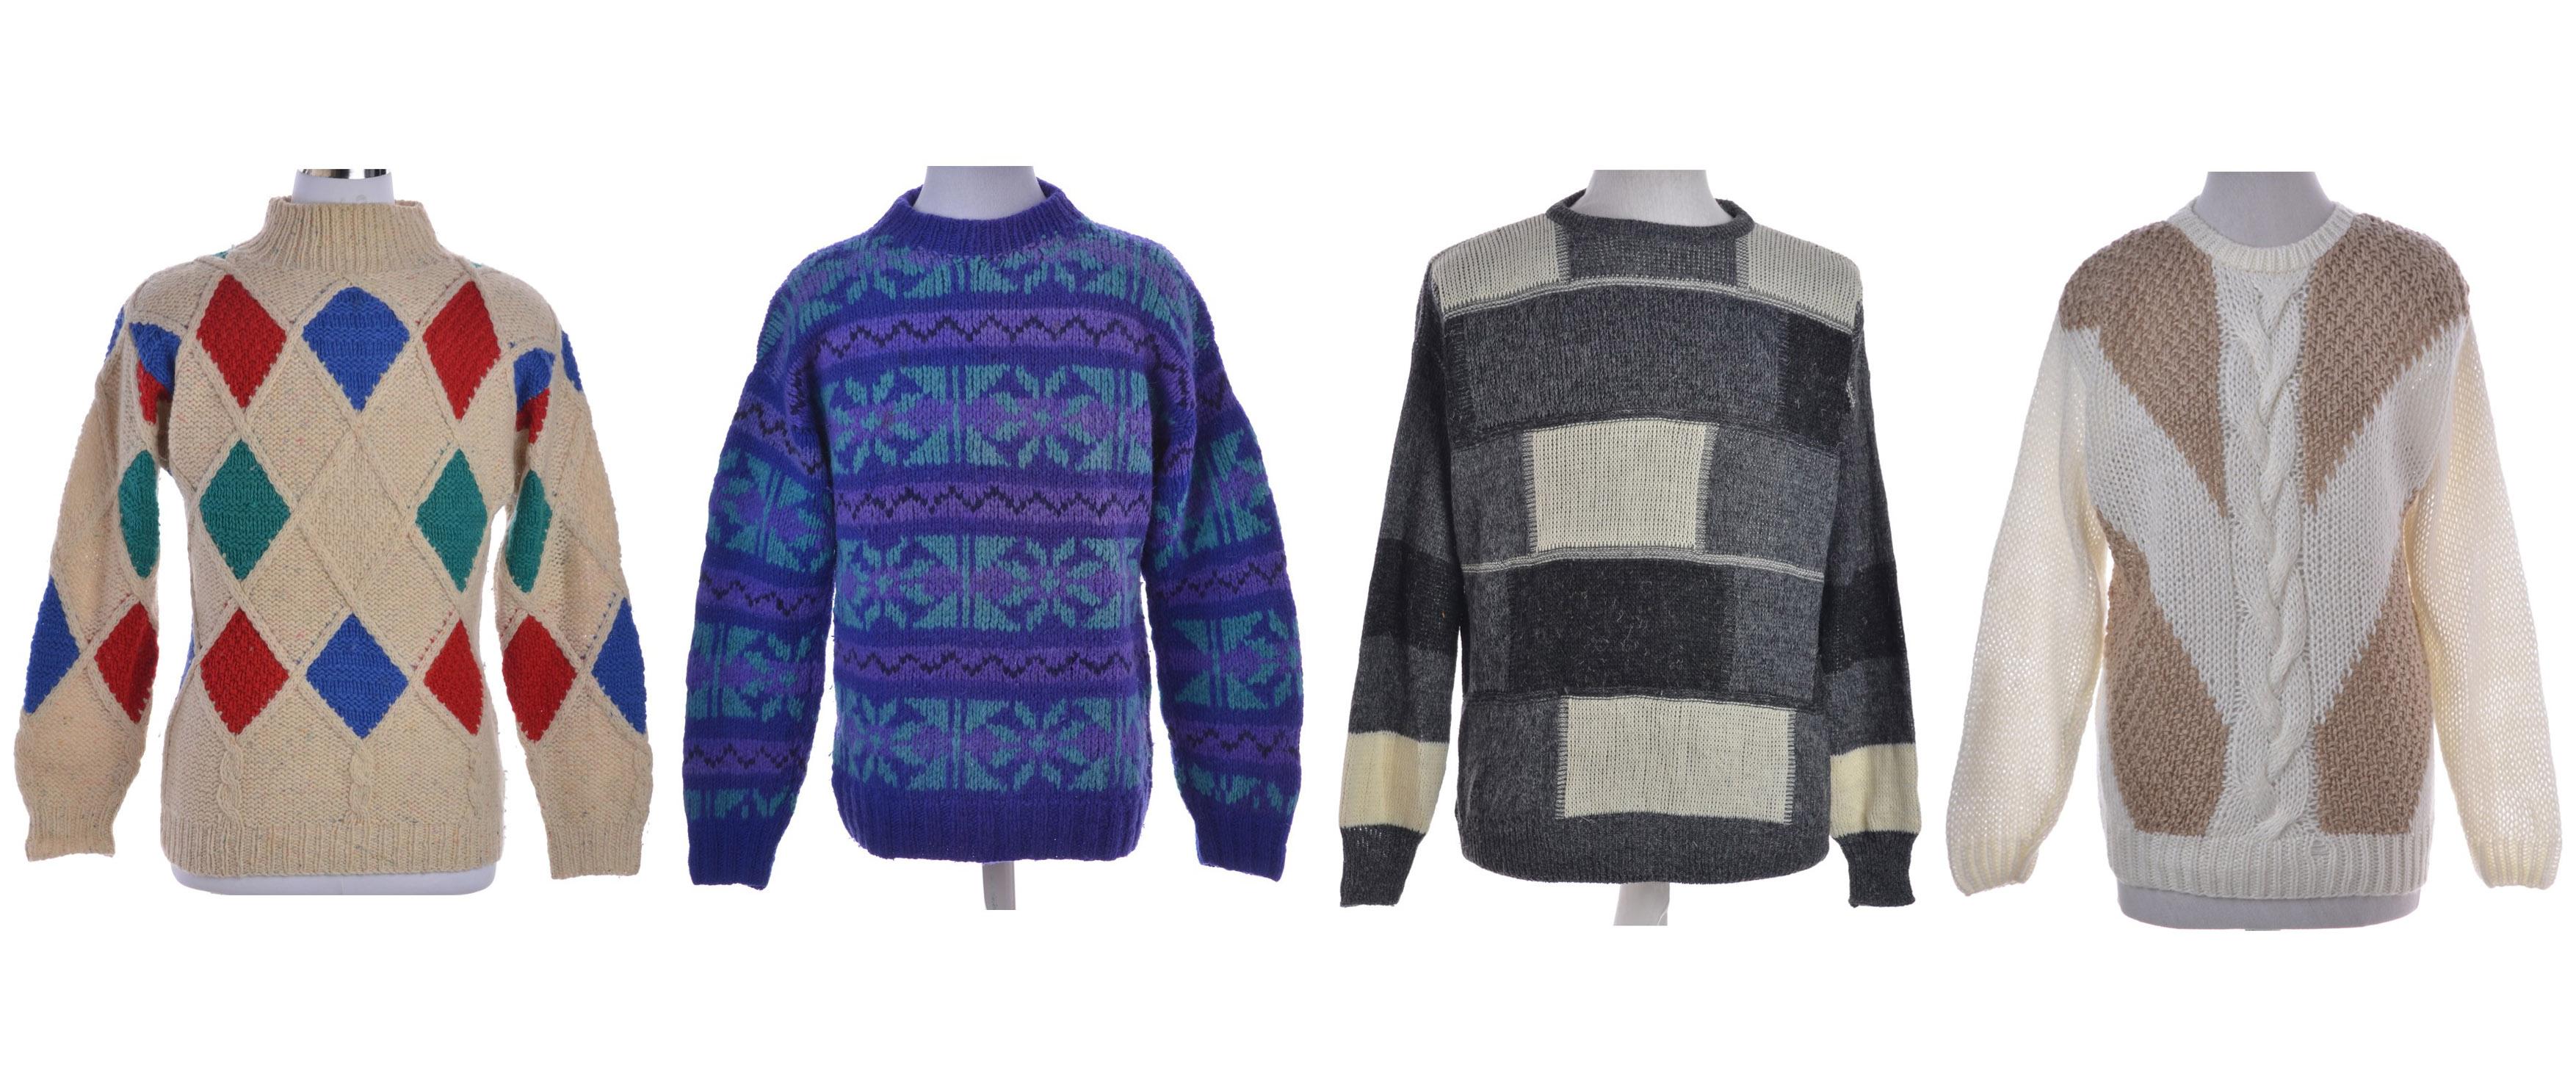 aw17 knit